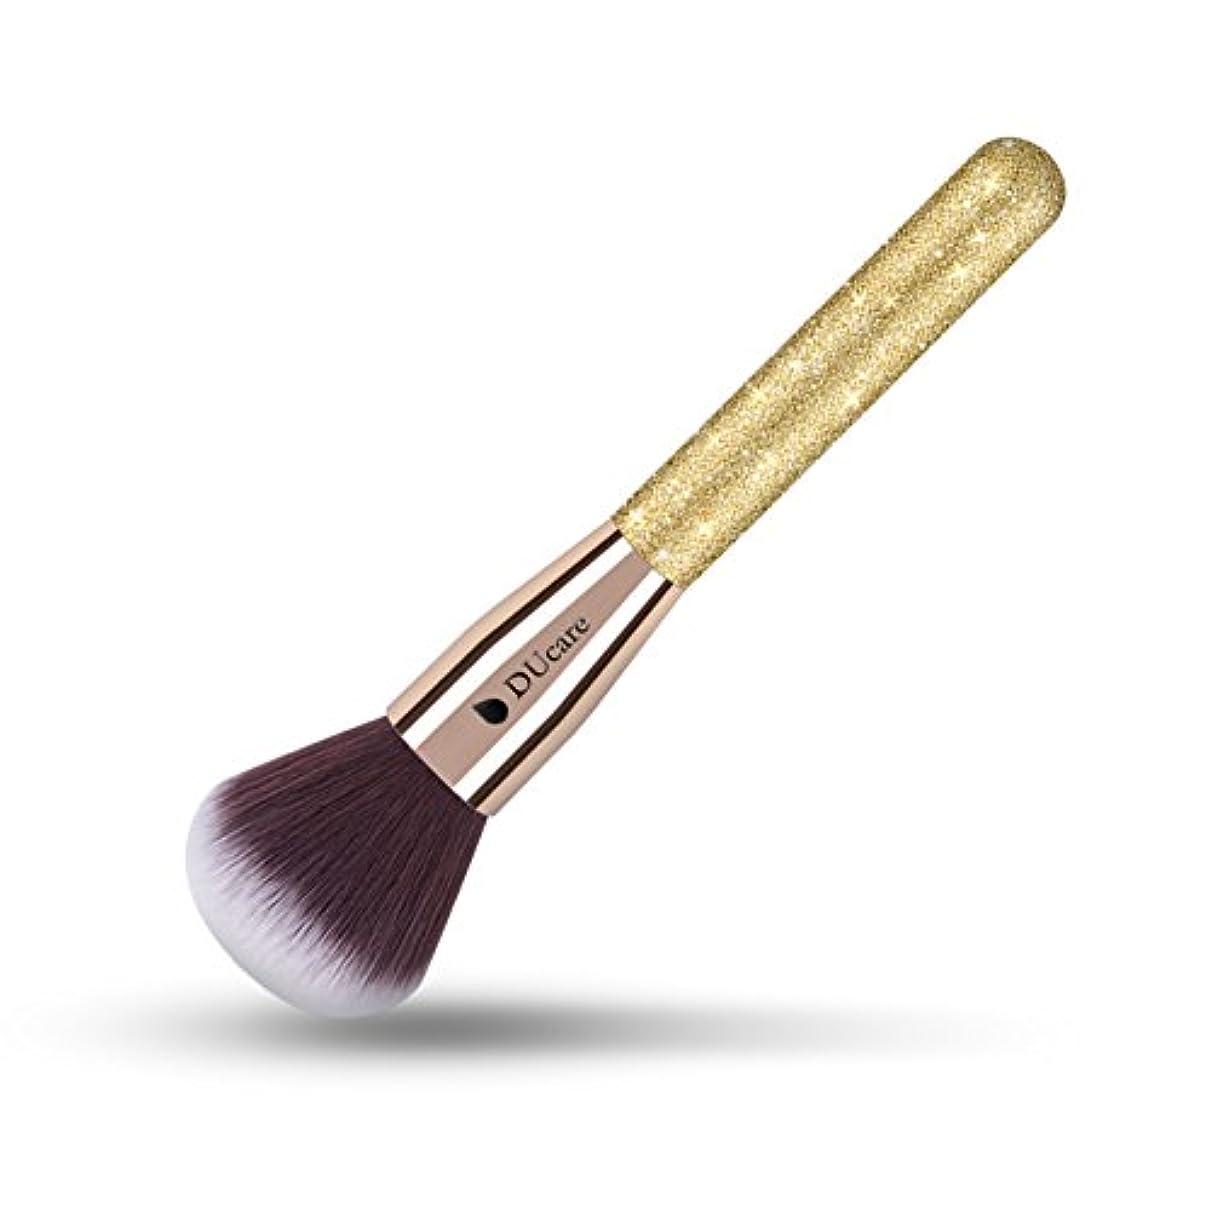 DUcare ドゥケア 化粧筆 フェイスブラシ パウダー&チークブラシ (1本, ゴールデン) 同じシリーズでファンデーションブラシ、フィニッシングブラシあり